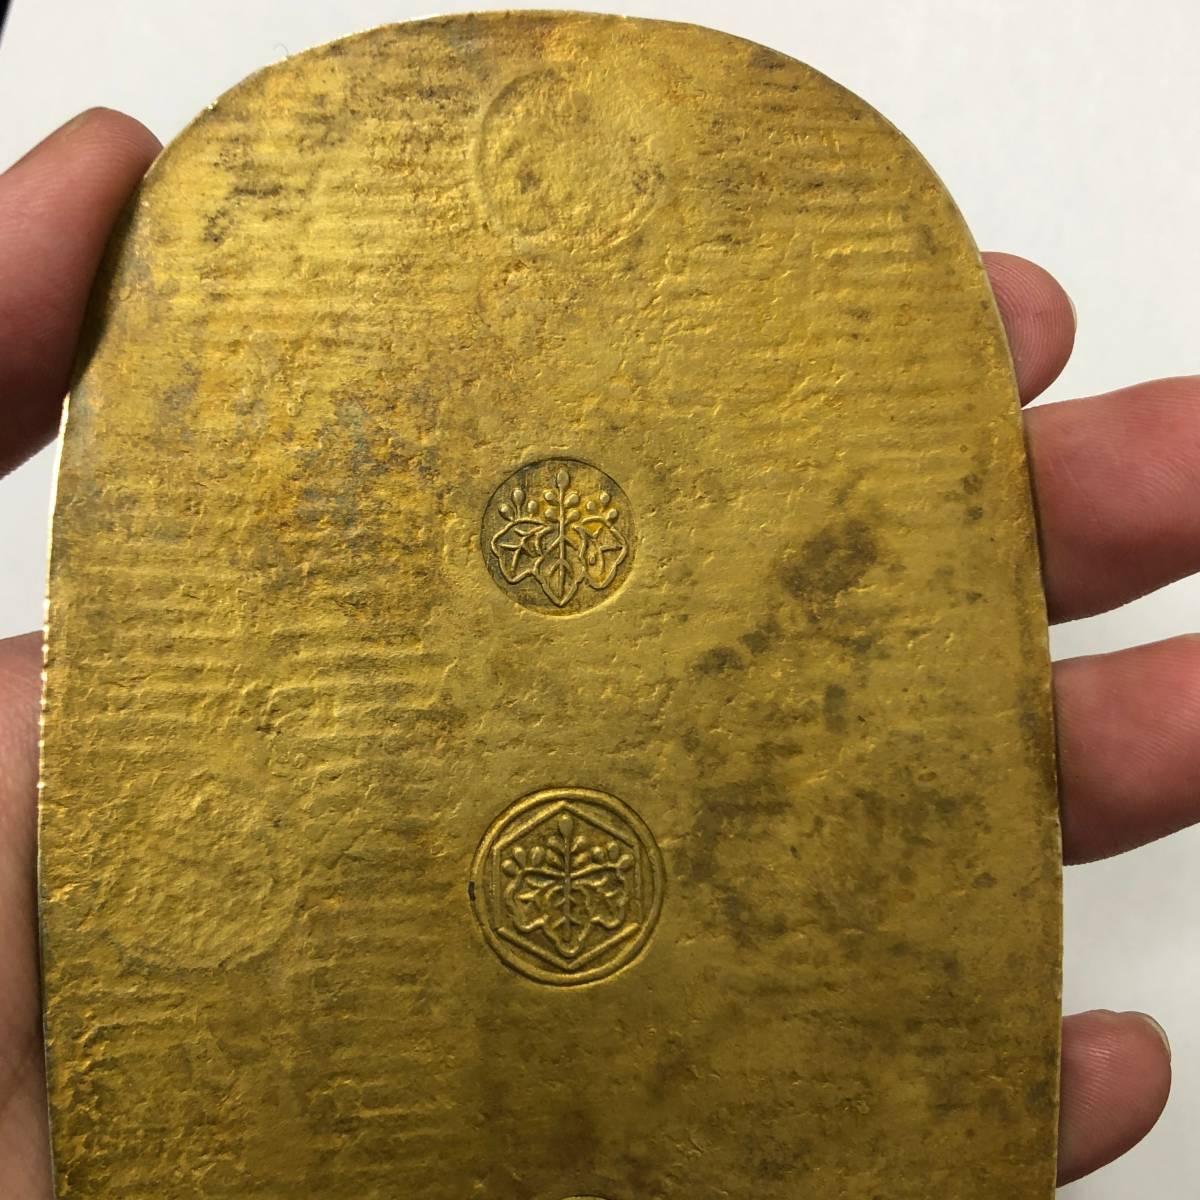 万延大判金 112.626g Gold46.1% 古銭 金貨 骨董 小判_画像5